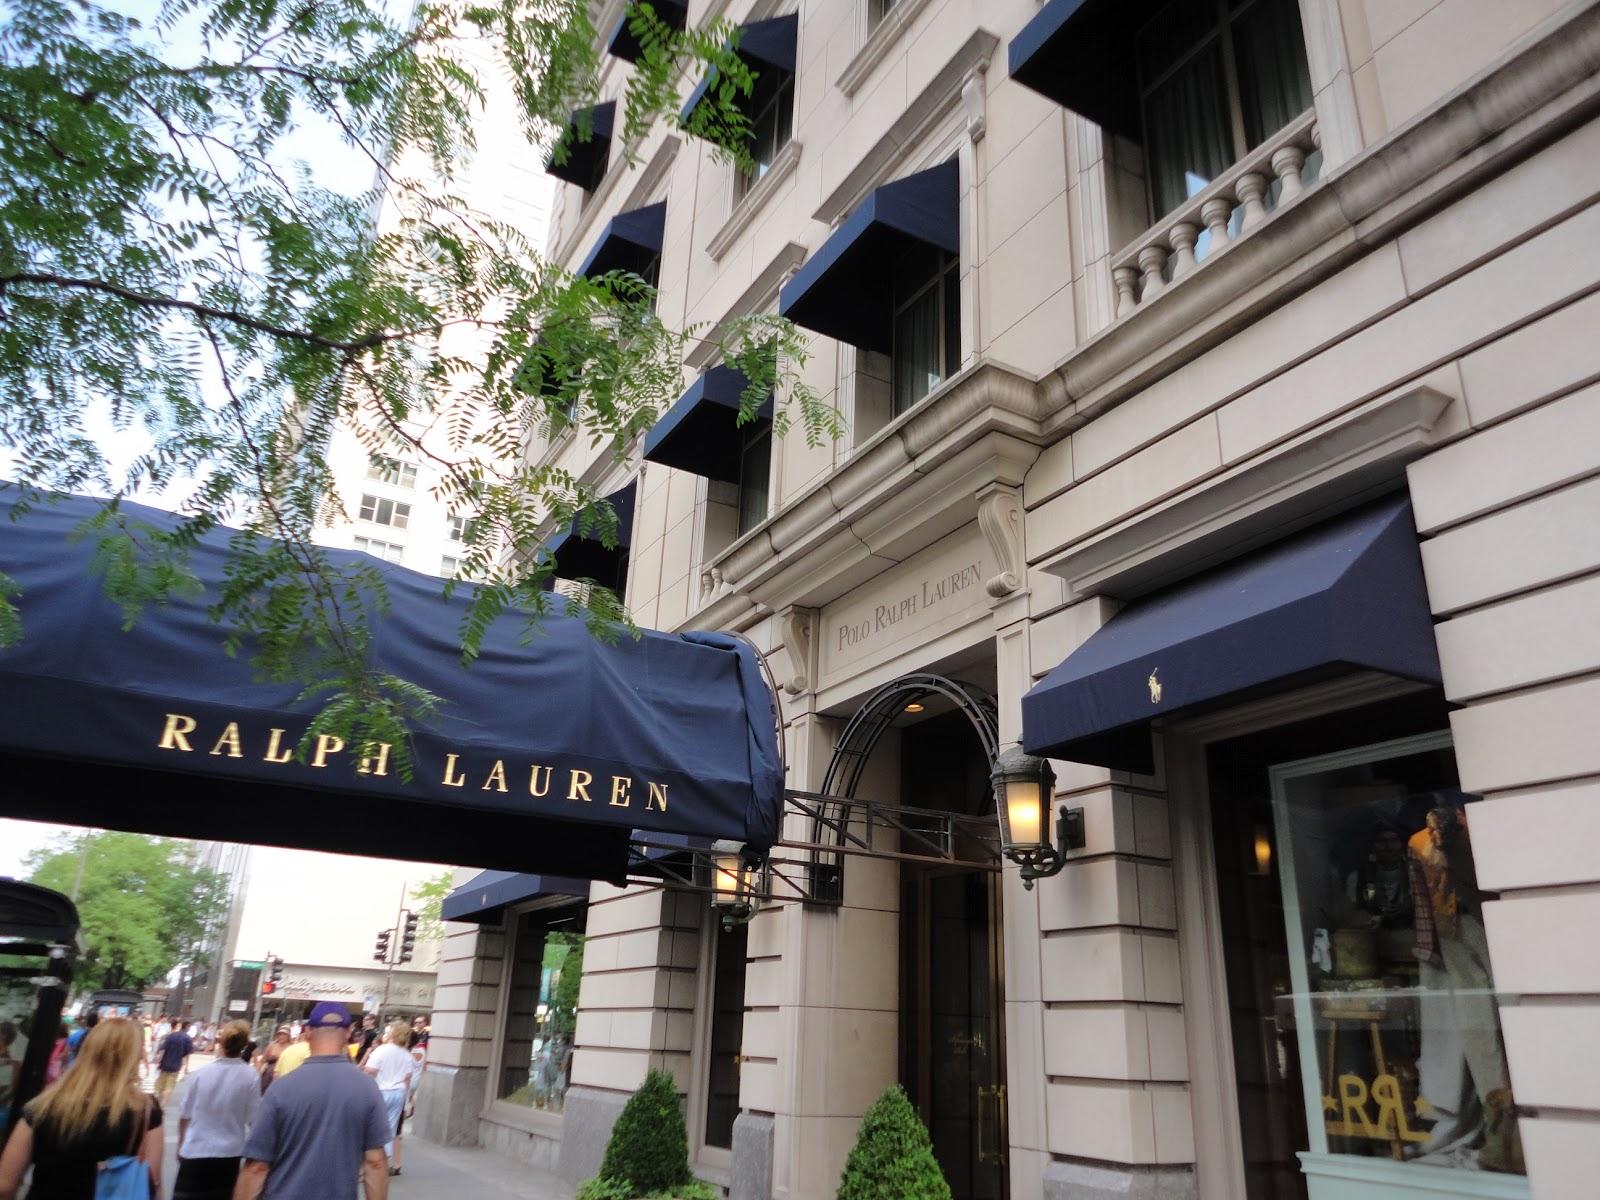 Lauren Boutique Ralph Lauren Lauren Ralph Boutique Ralph Boutique Lauren Bruxelles Bruxelles Bruxelles Ralph Boutique zVpUqSM